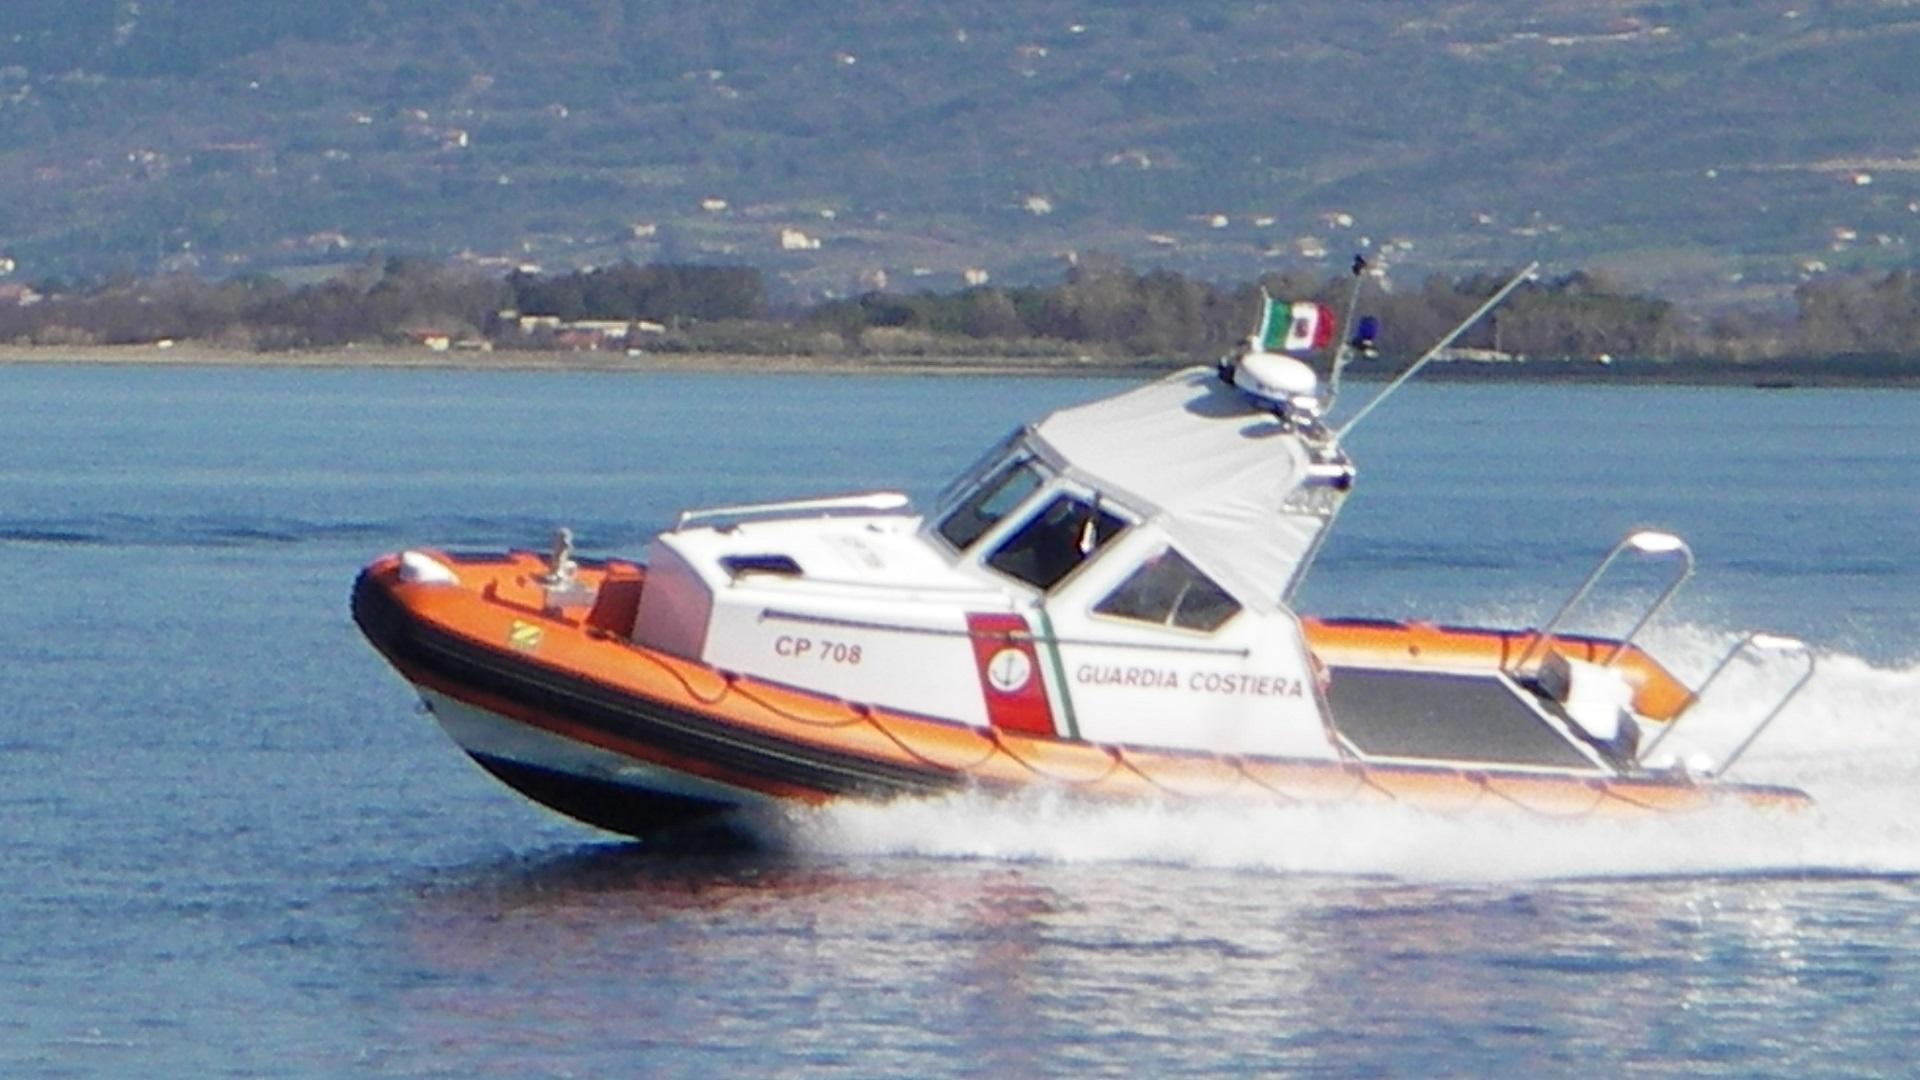 Sub ritrovato morto nelle acque della Costiera Amalfitana